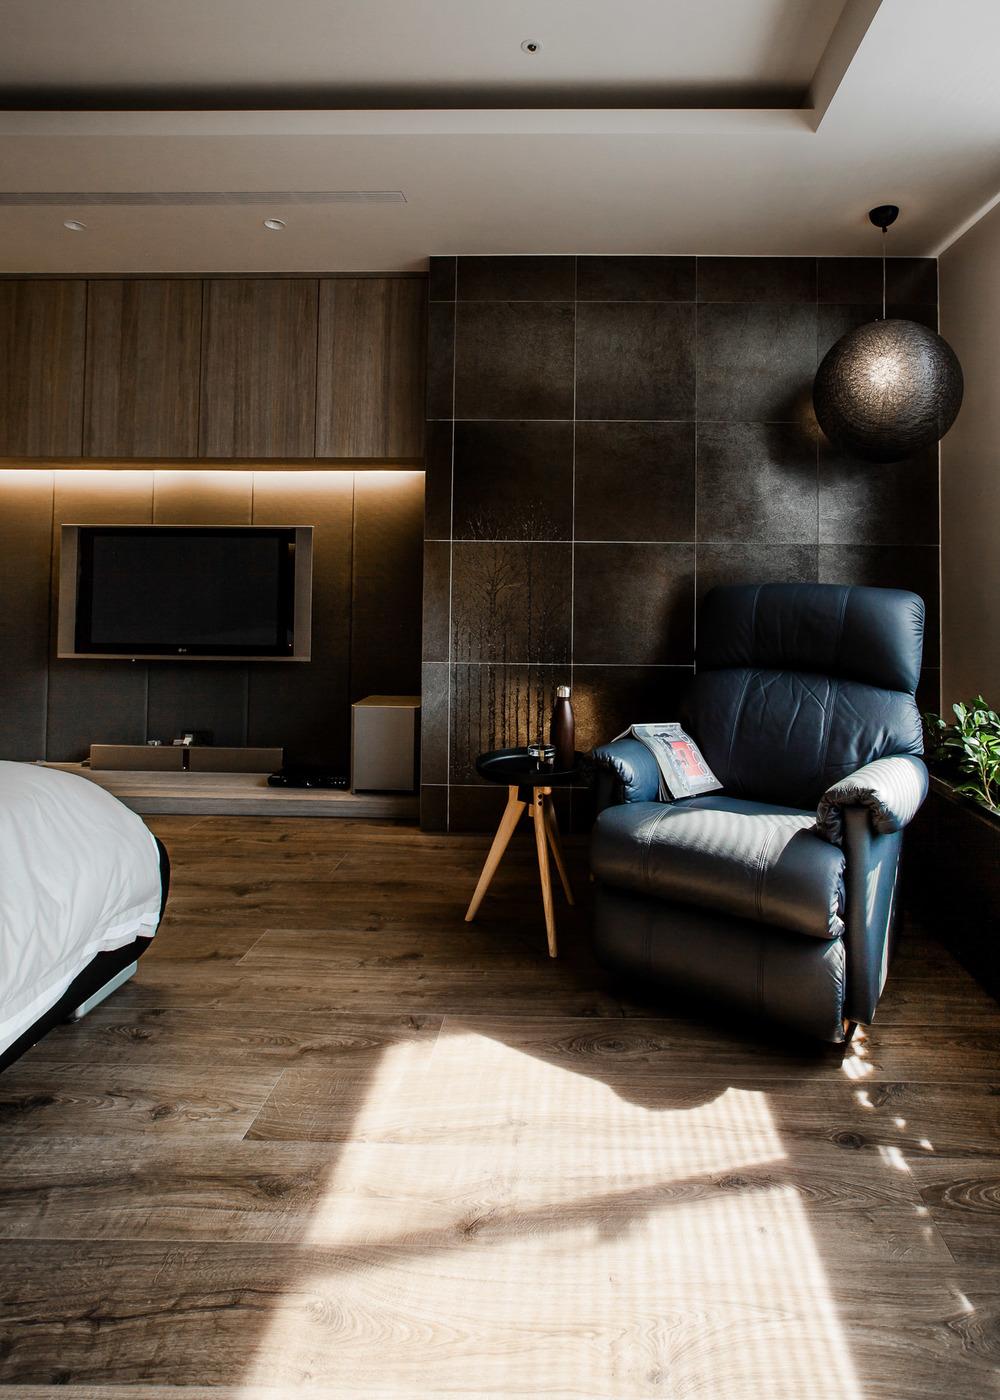 Interior-032-2.jpg